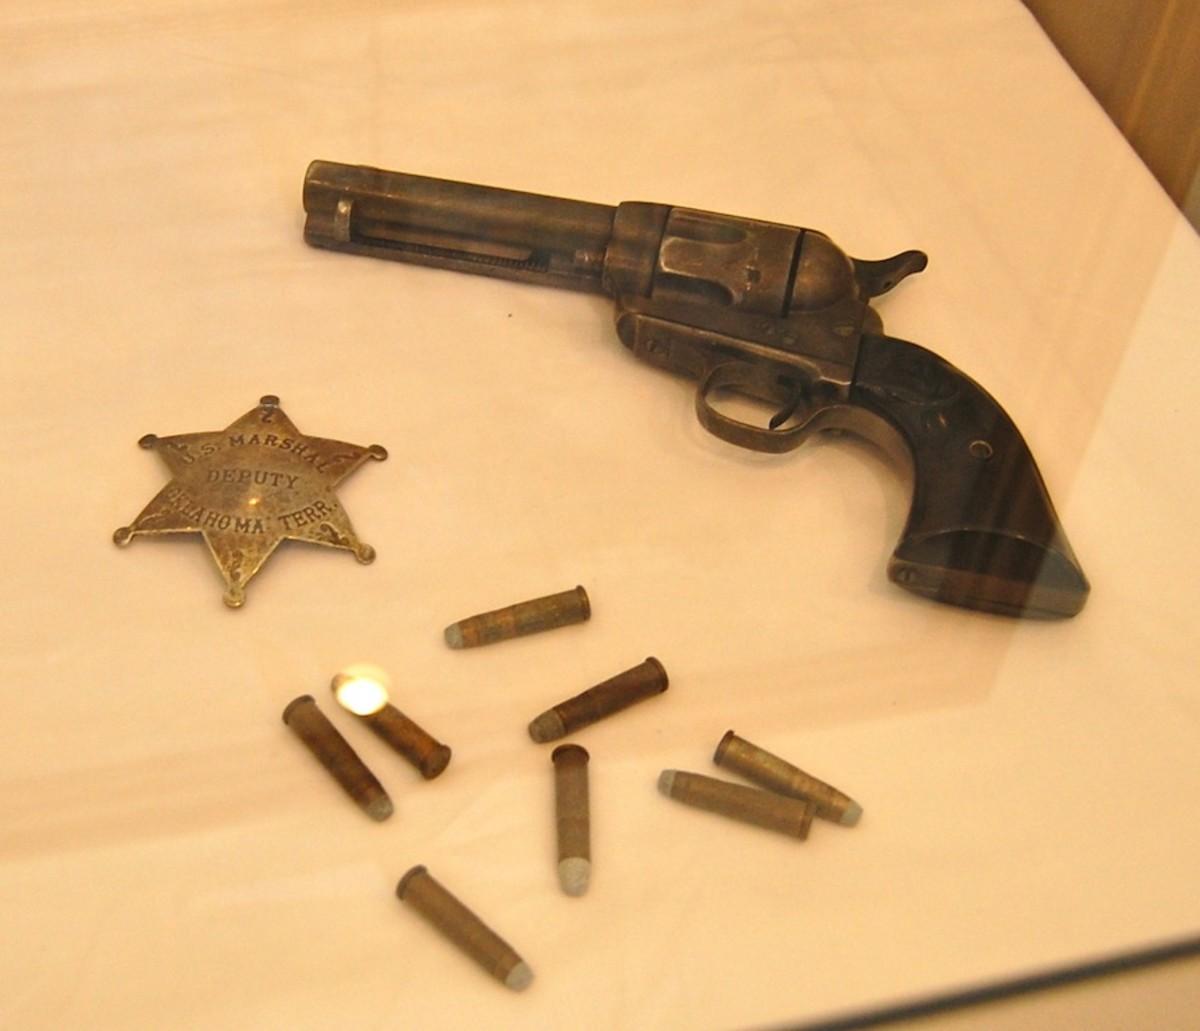 Bass Reeves gun and U.S. Marshal badge